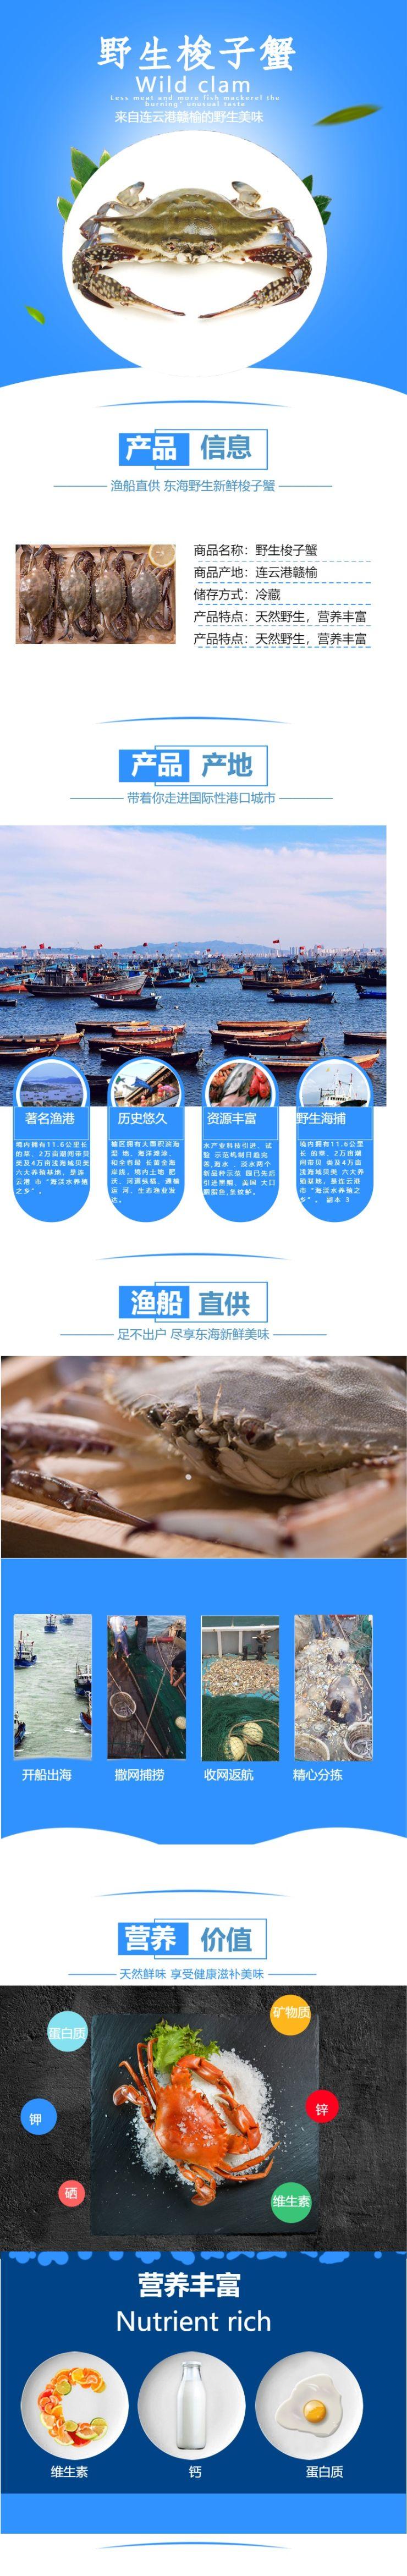 简约清新螃蟹美食电商详情页